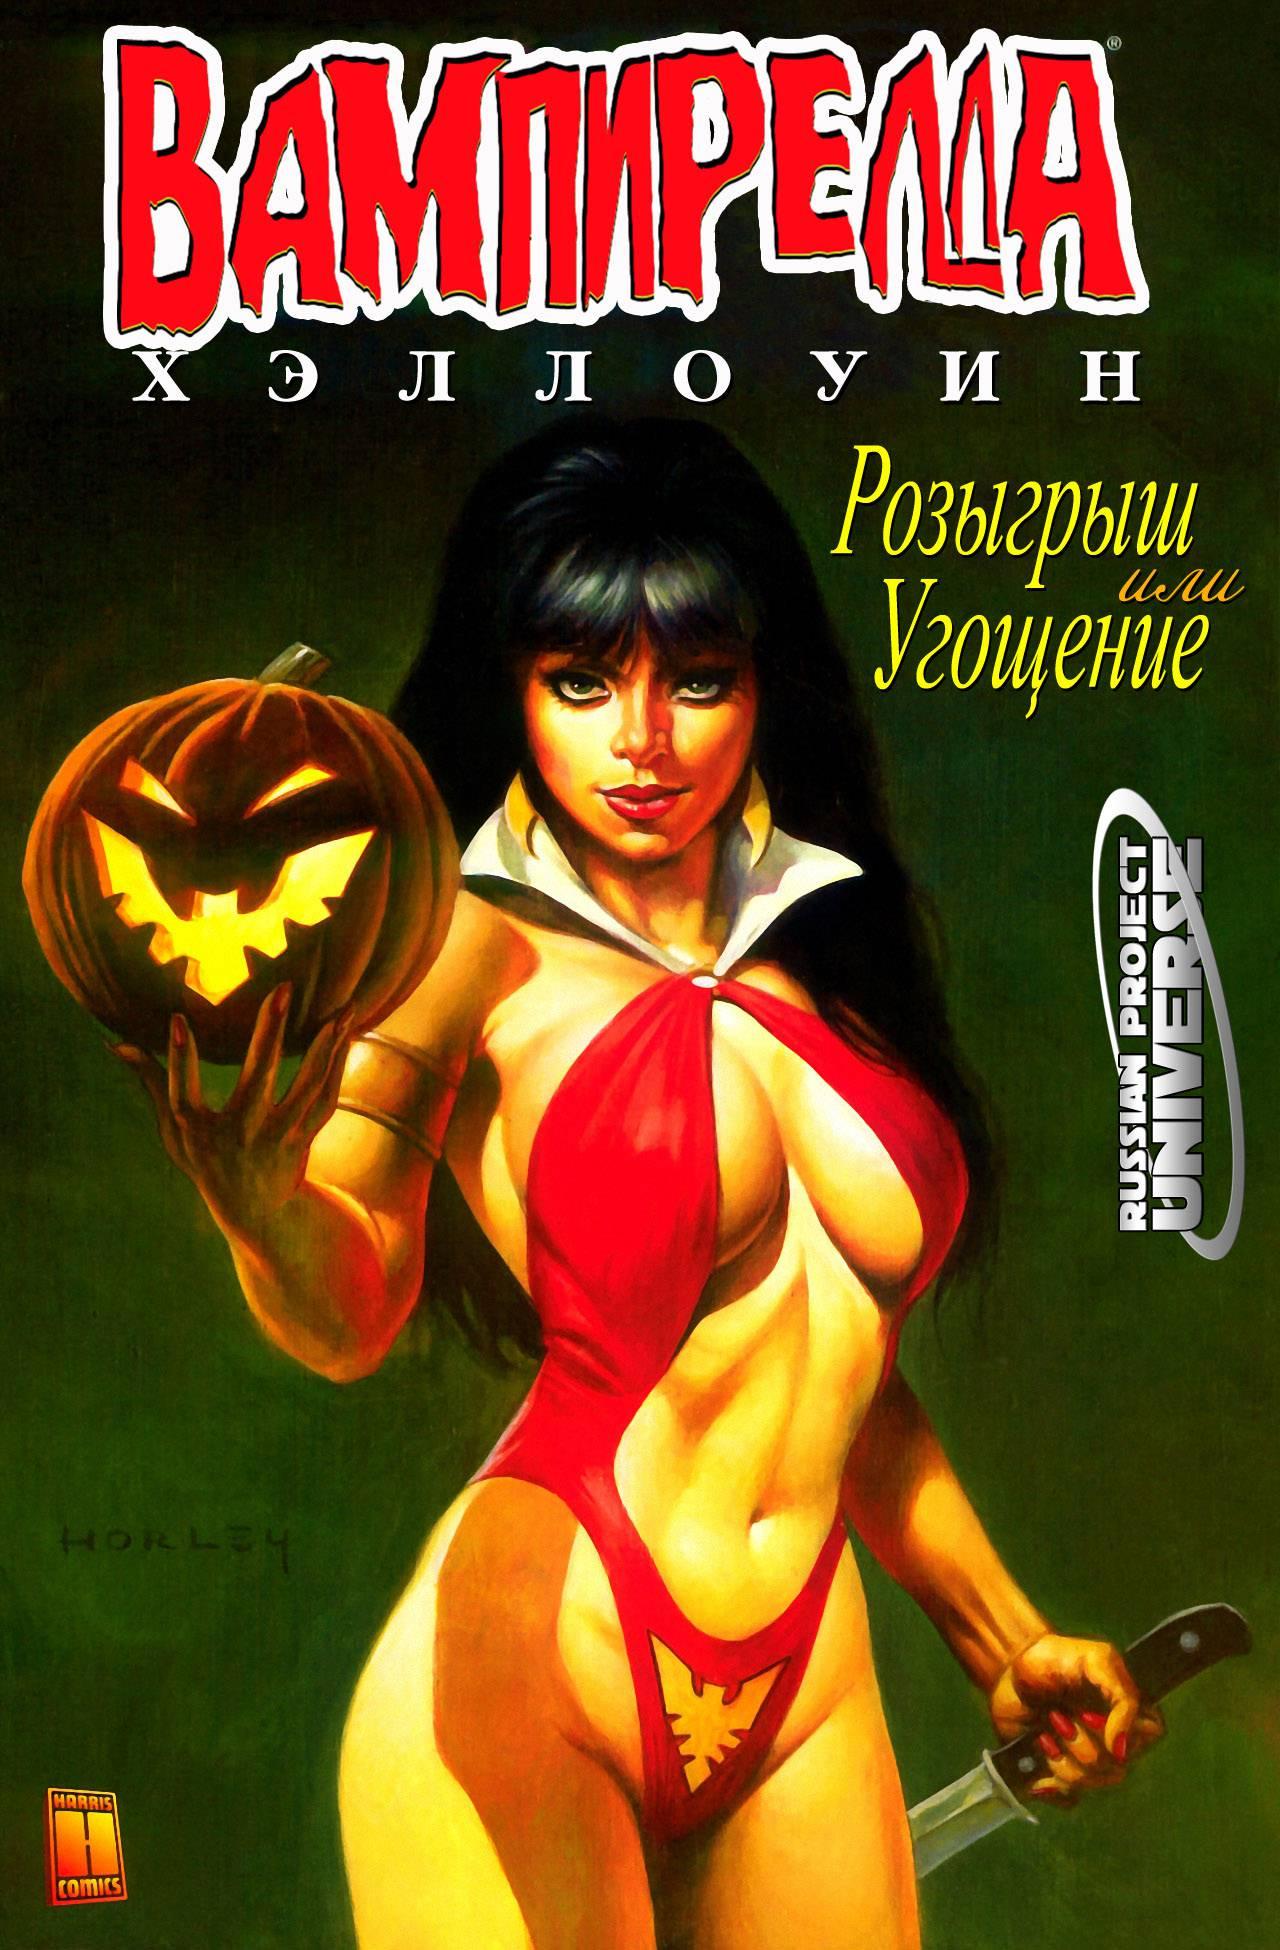 Вампирелла: Хэллоуин. Розыгрыш Или Угощение онлайн